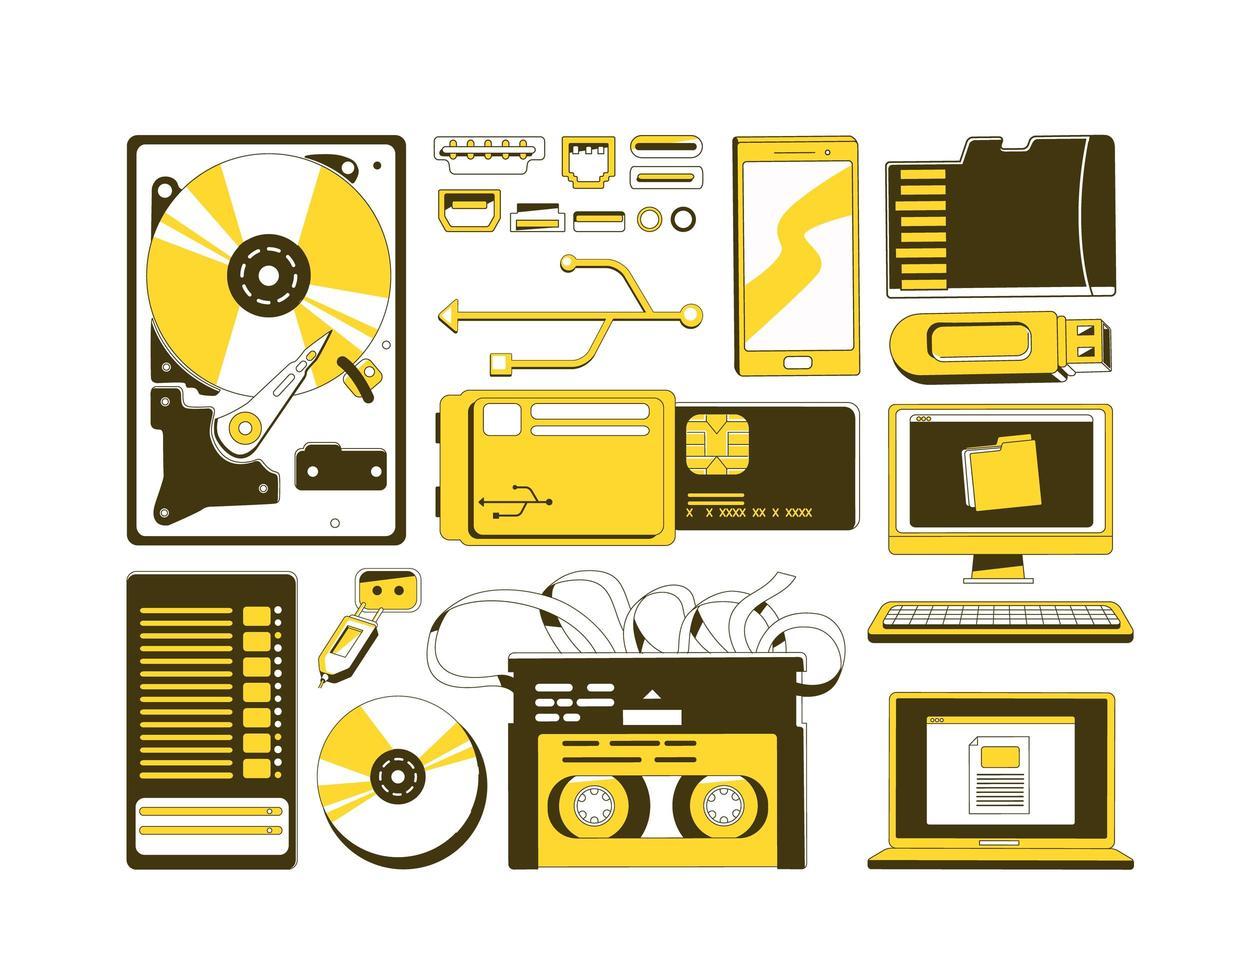 ensemble d'objets de périphériques de stockage de données vecteur